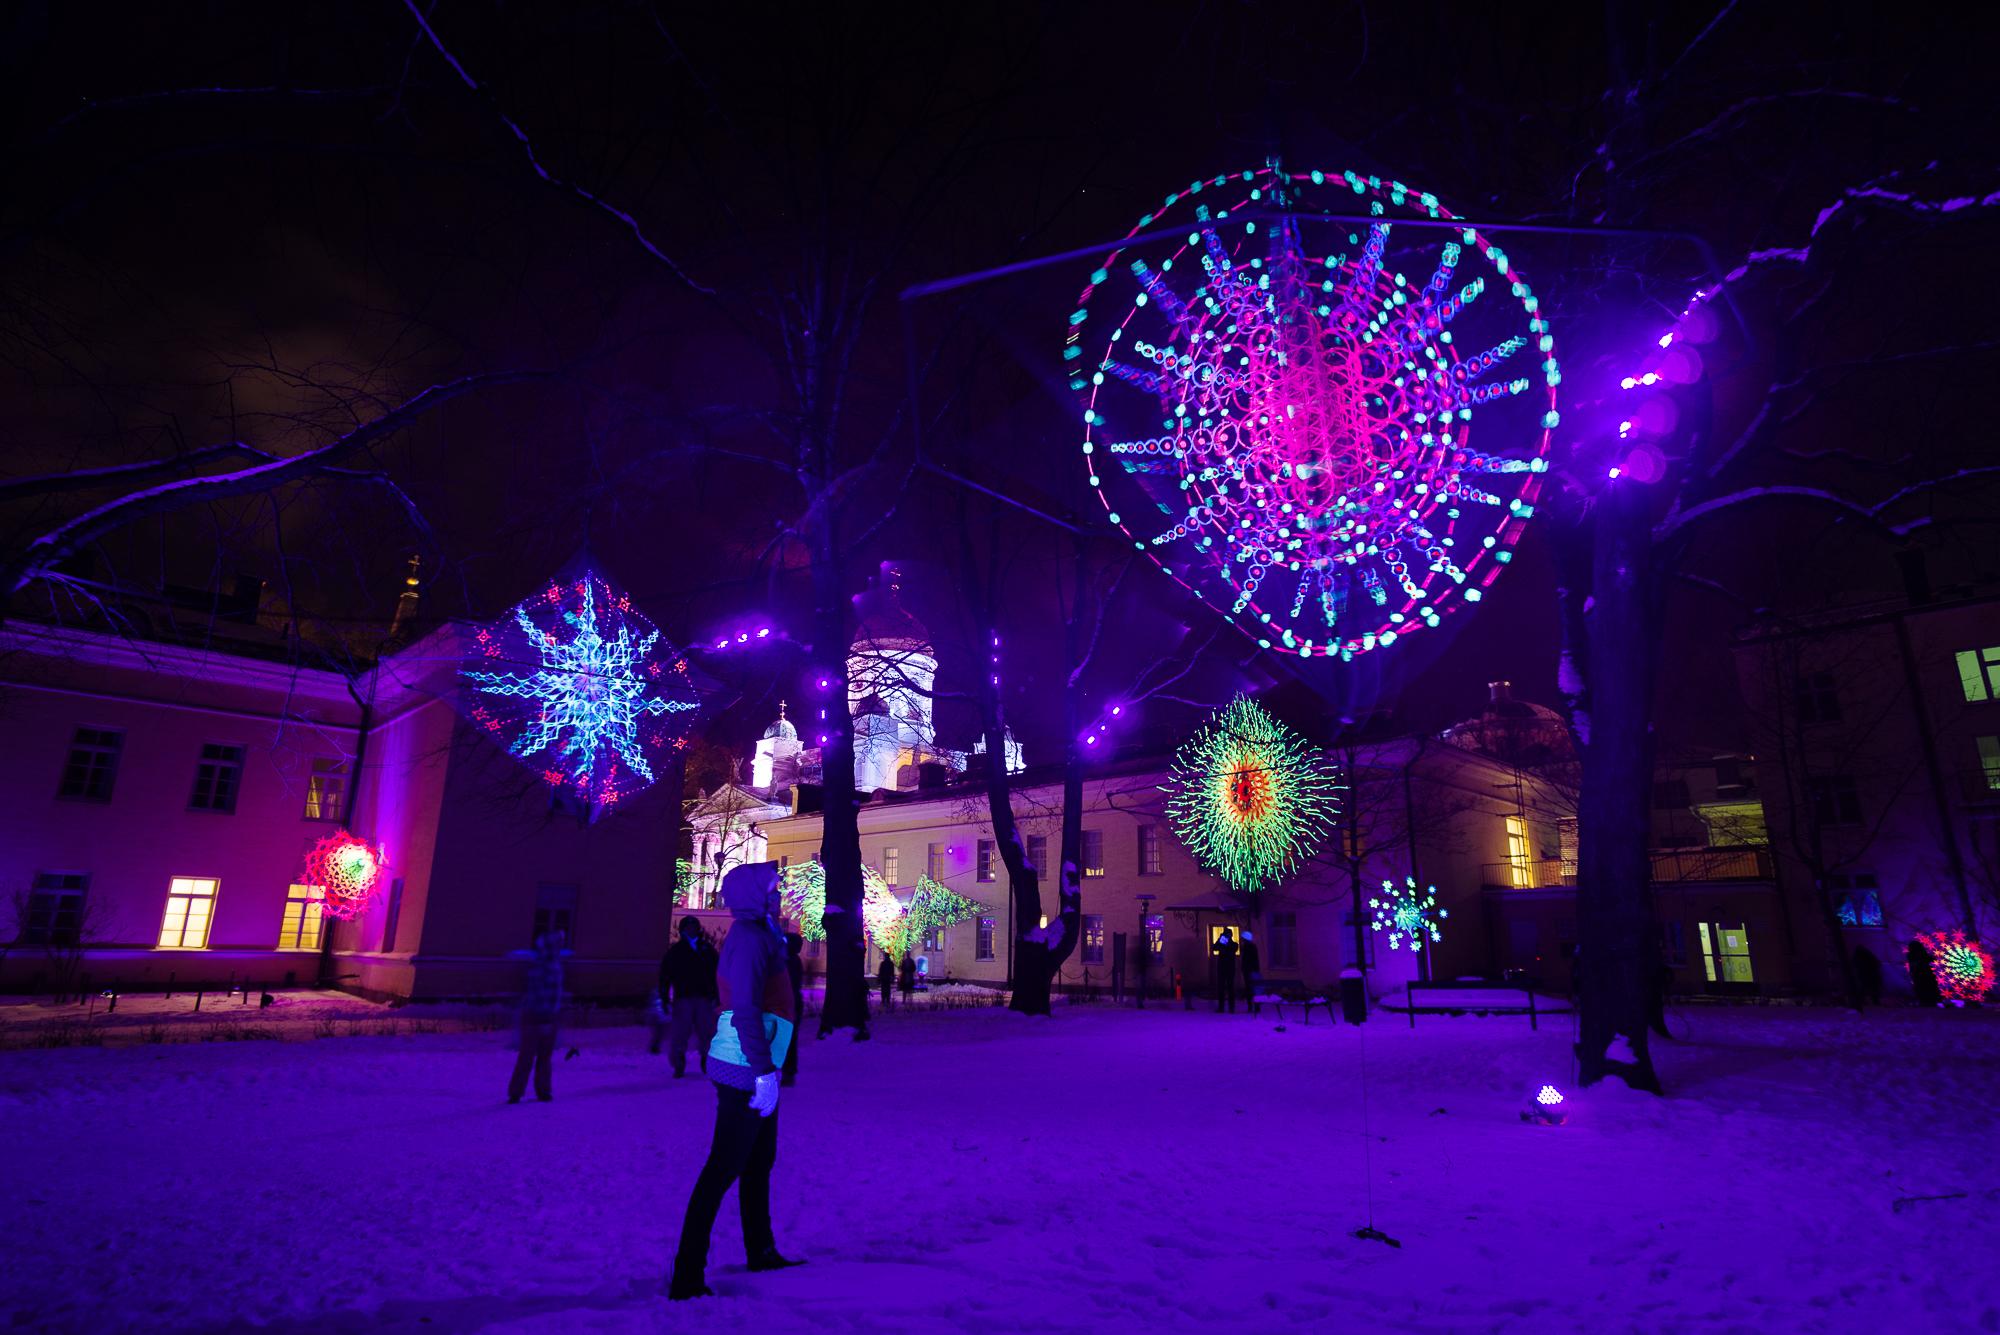 Winterfestival in Helsinki, Finland